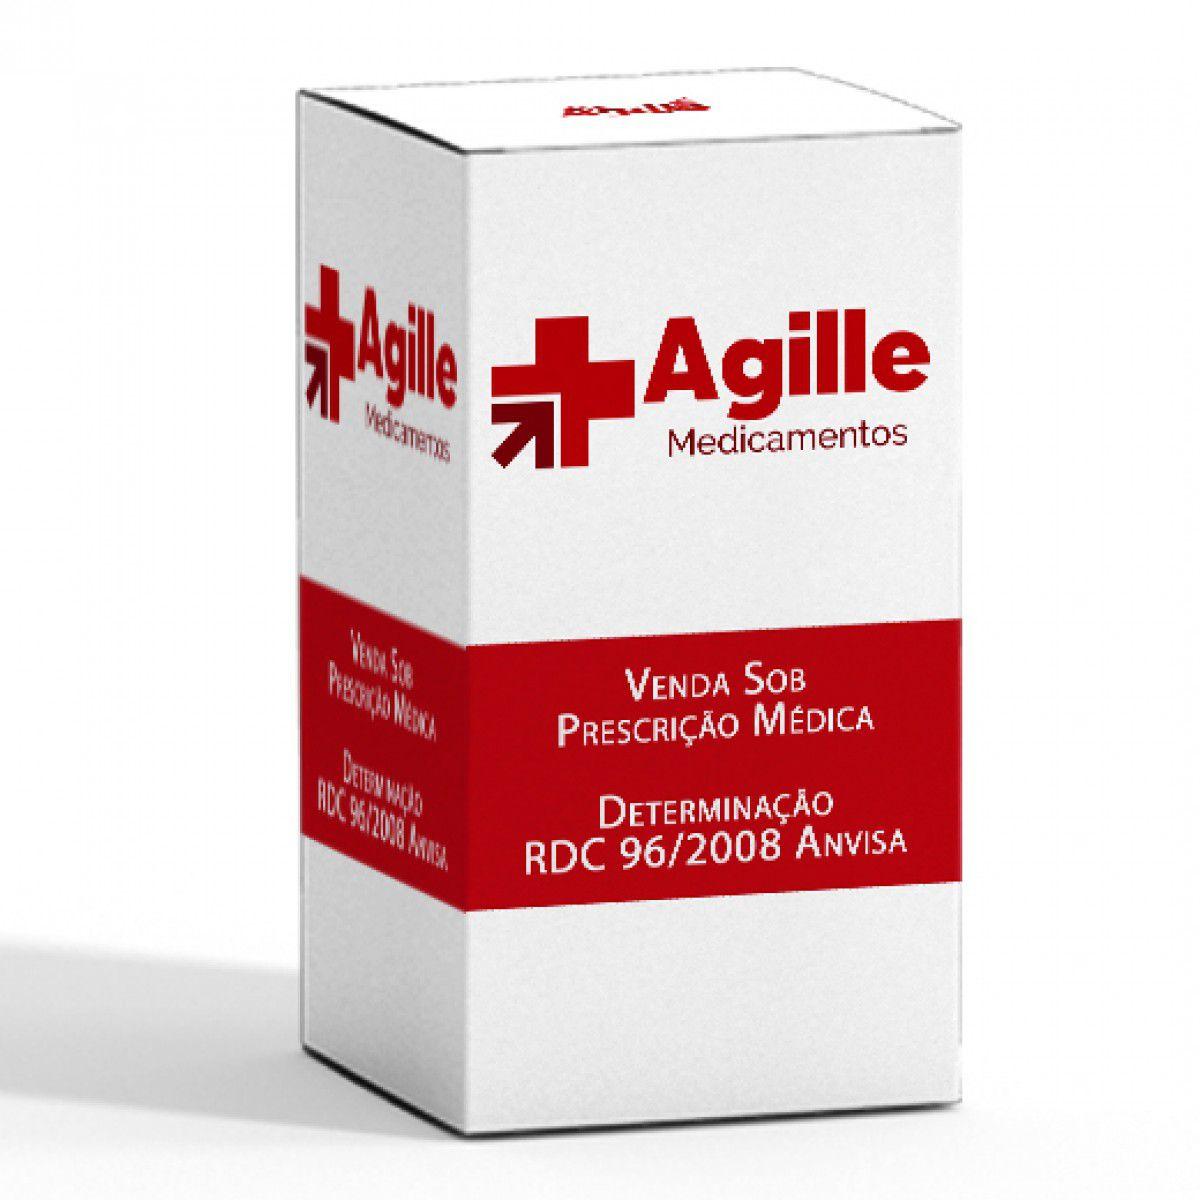 PUREGON 300UI (1CARPULE 0,480ML + 6 AGULHAS)  - Agille Speciality